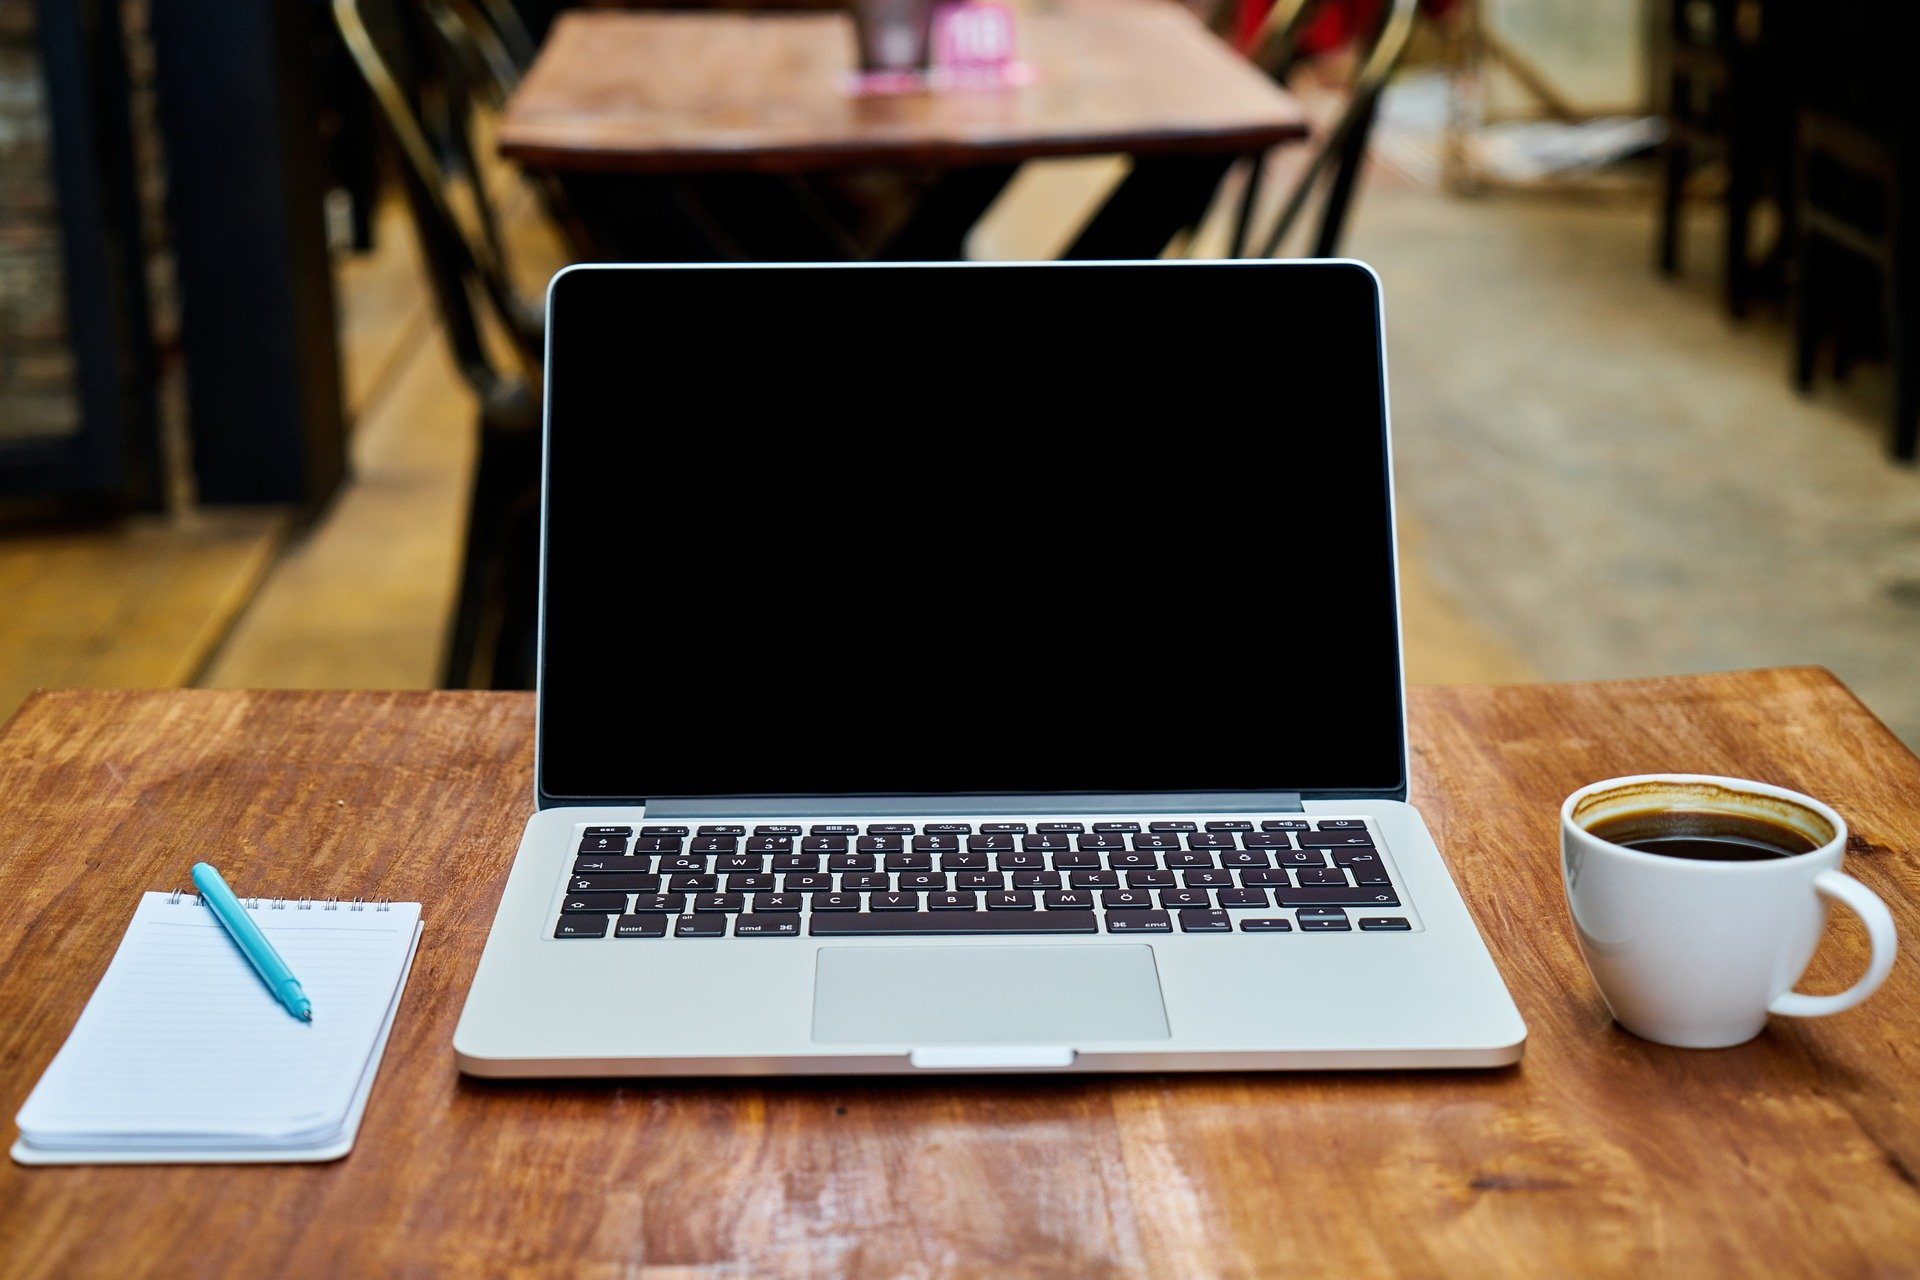 Foto de uma mesa com um computador, xícara de café e um caderno. Imagem ilustrativa para o texto valor da franquia do seguro.